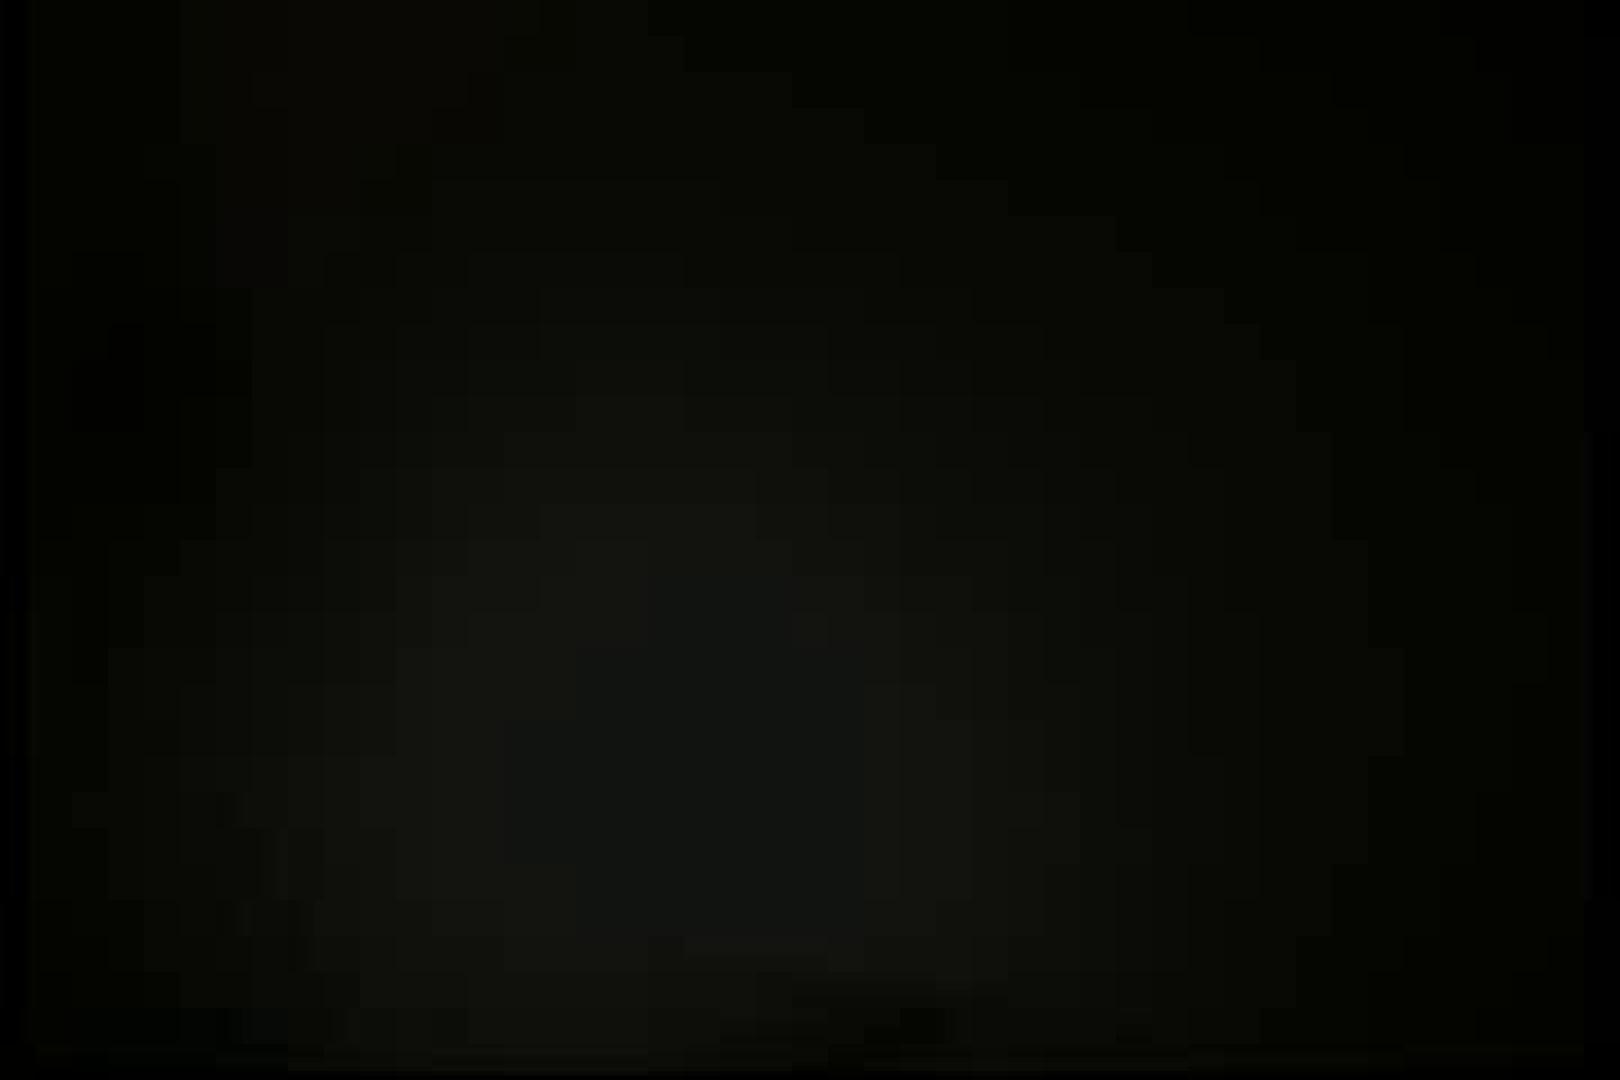 【流出自画撮】とにかく凄いぜ!!ケツまんFighters!! Vol.08 フェラ ゲイ素人エロ画像 79枚 12